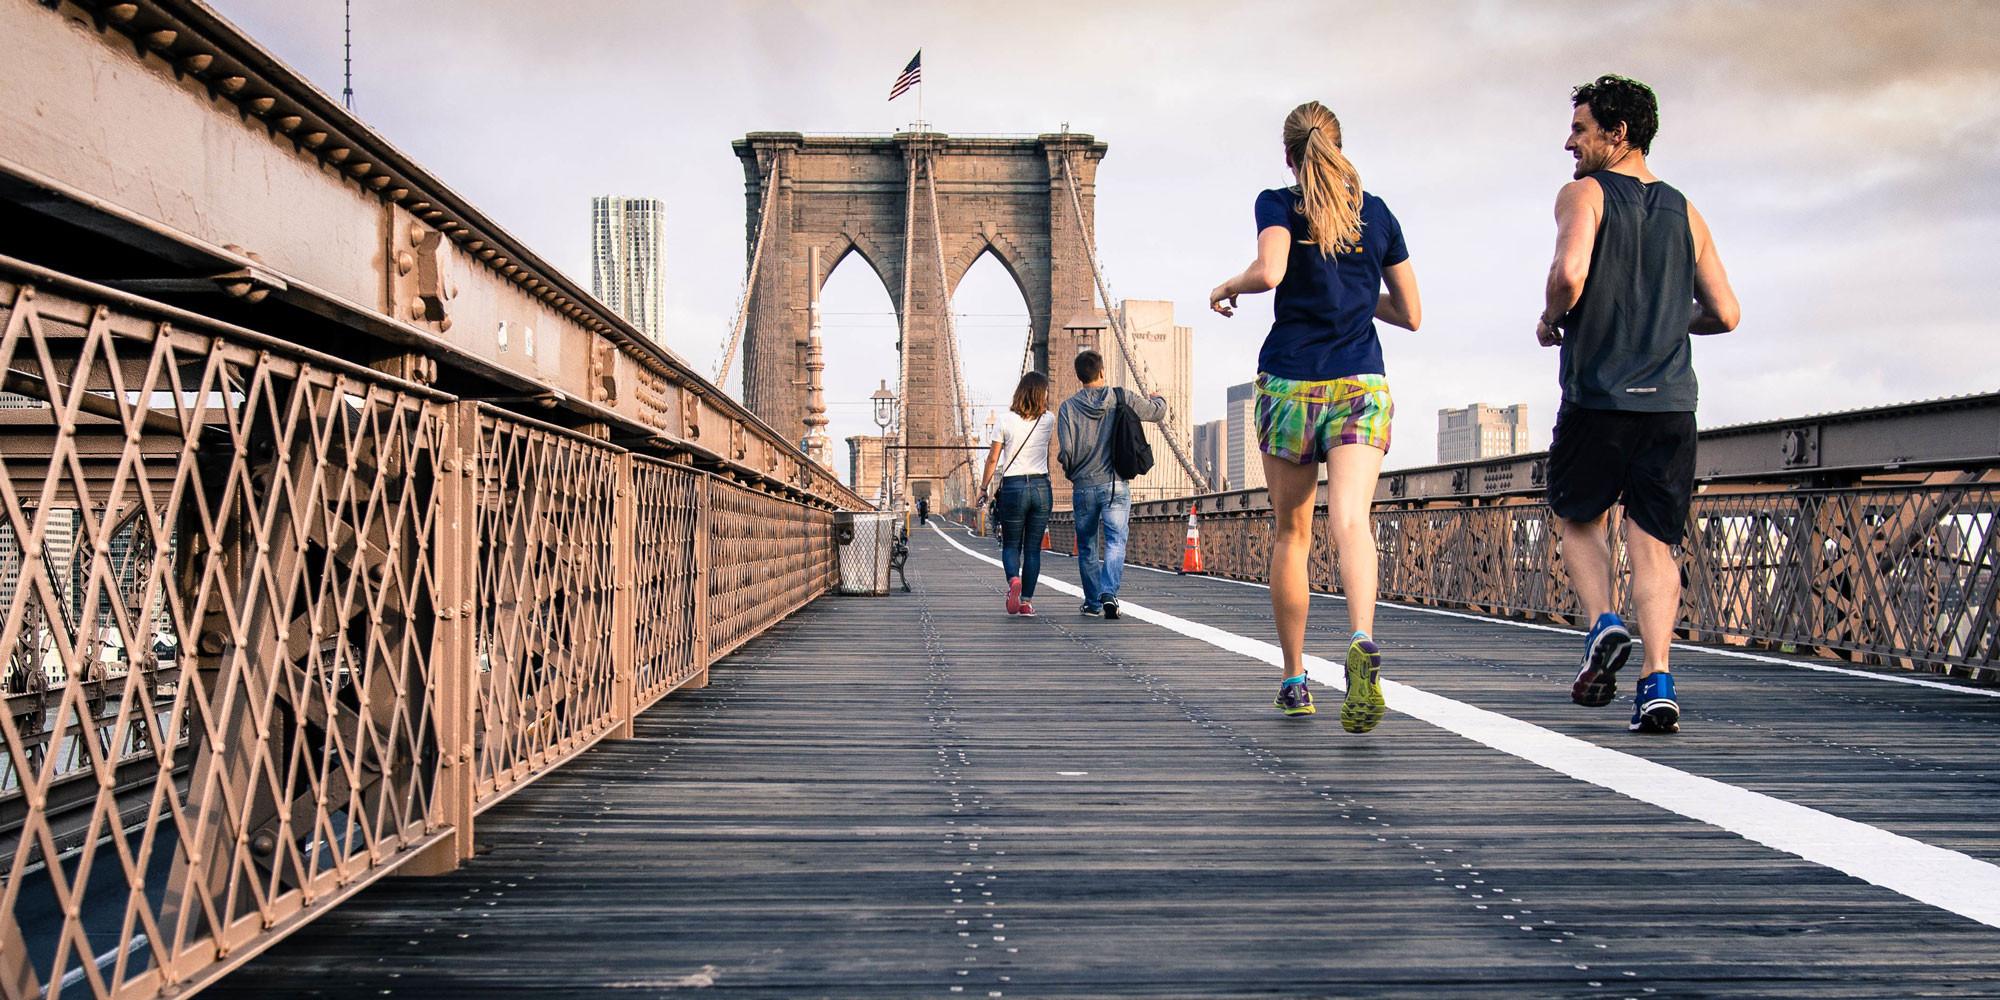 two people walking across a bridge